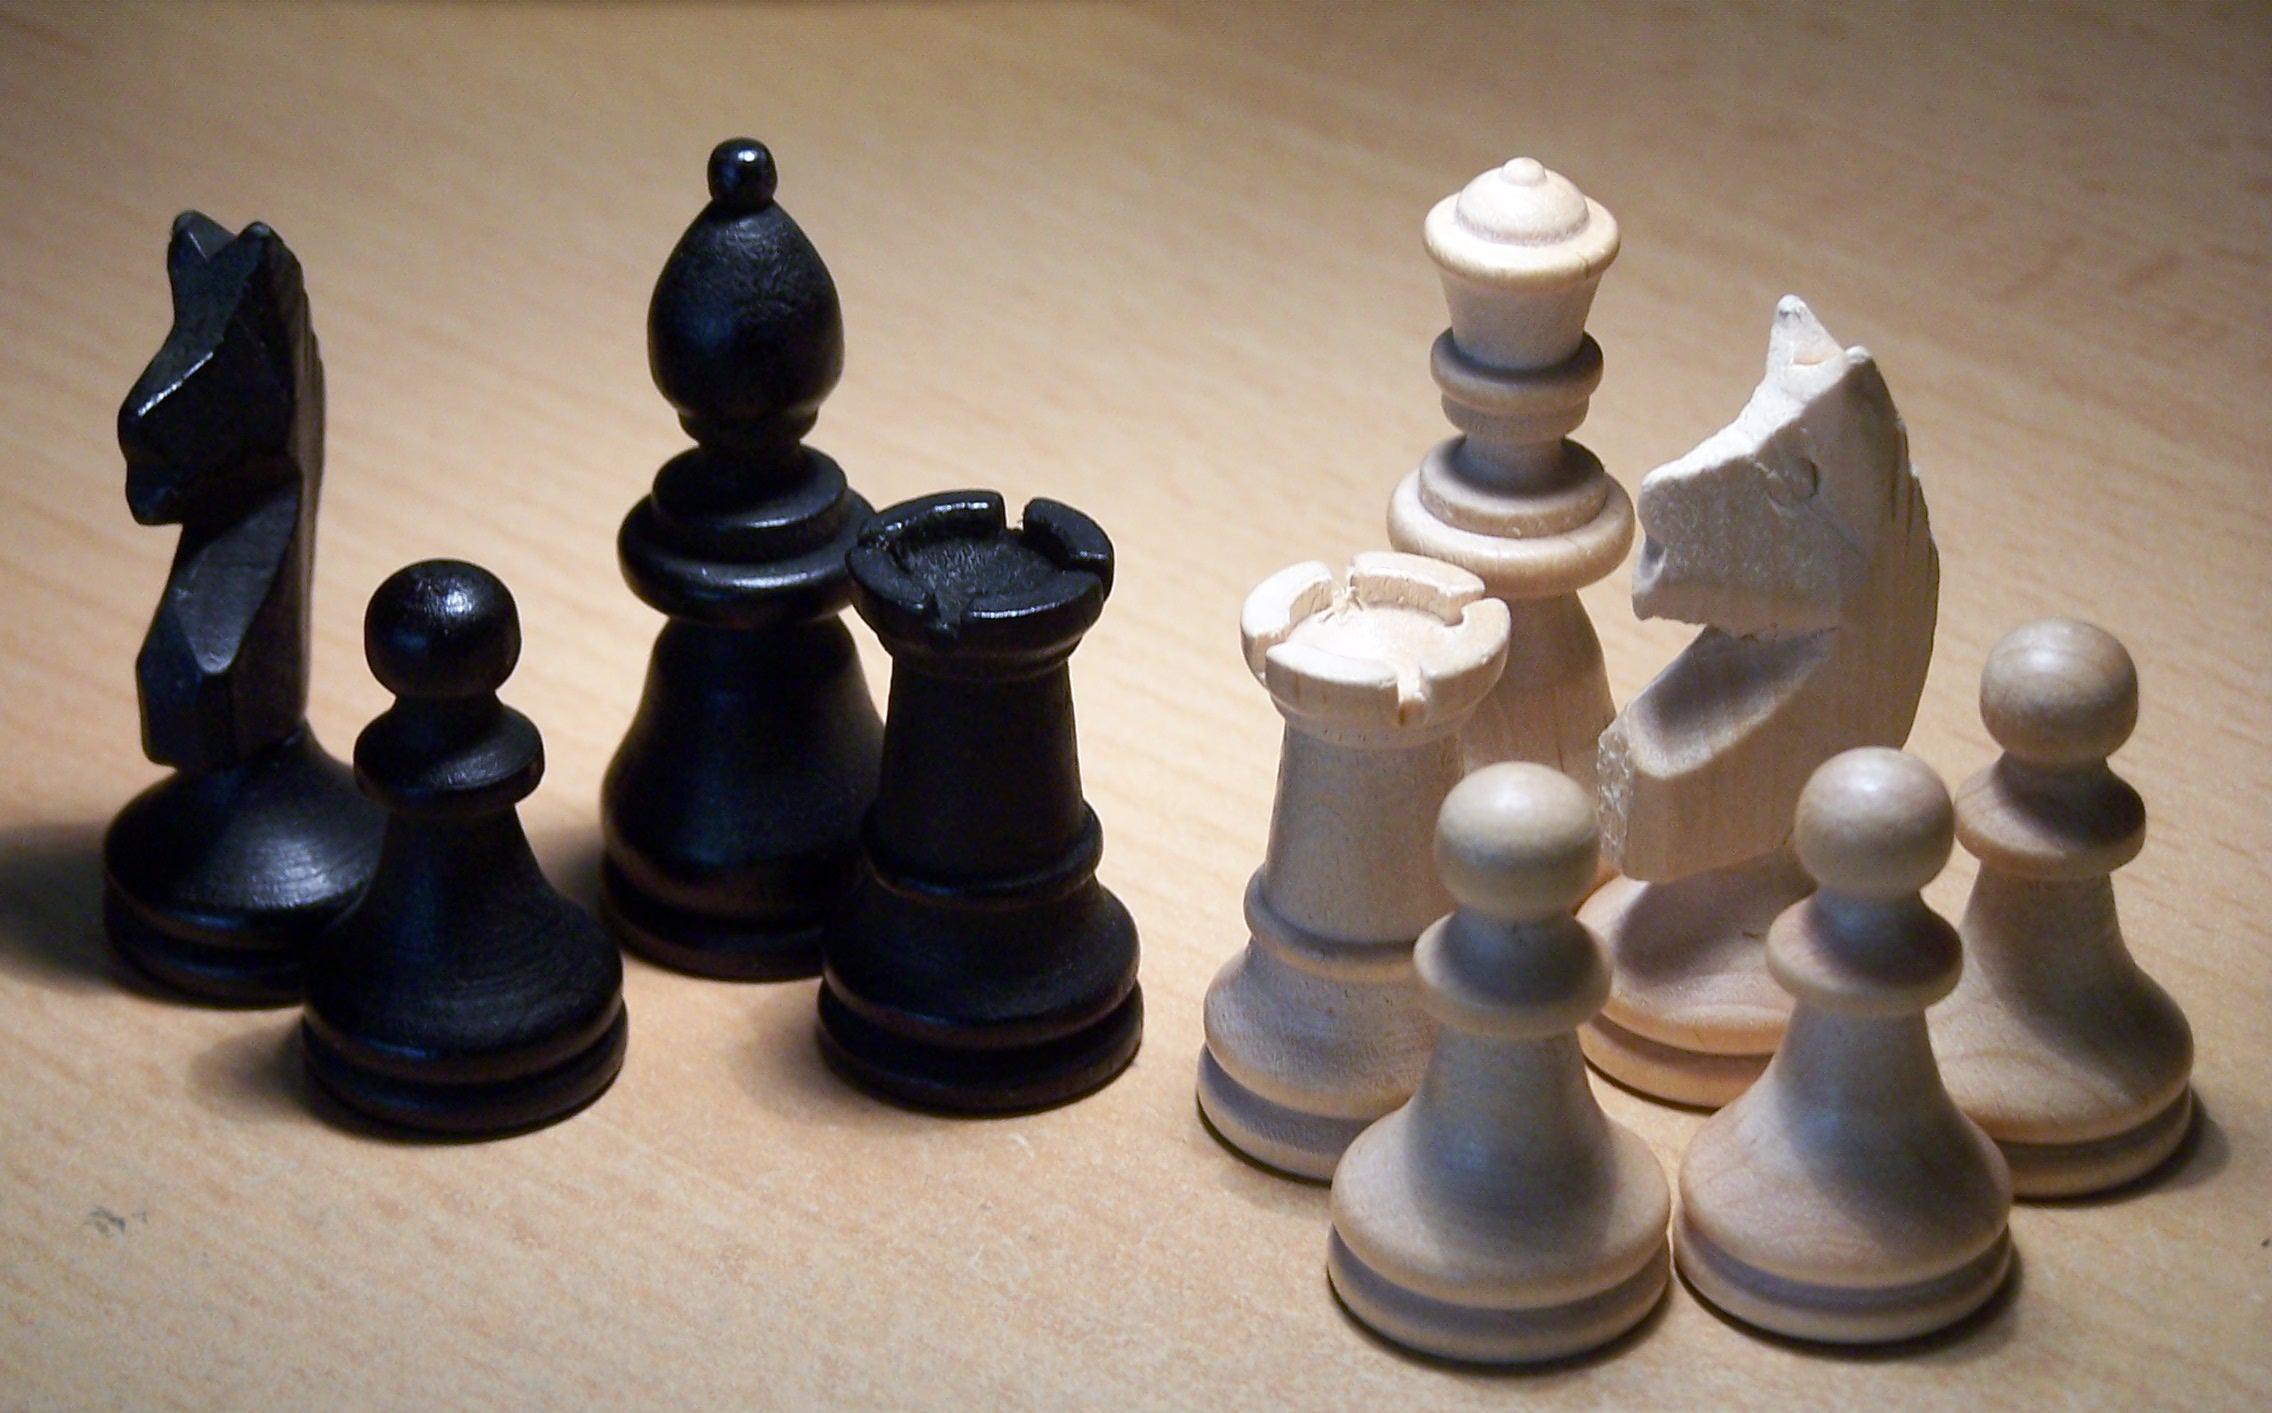 Una pieza de ajedrez comprada por 5 dólares alcanza más de 918 446 en subasta